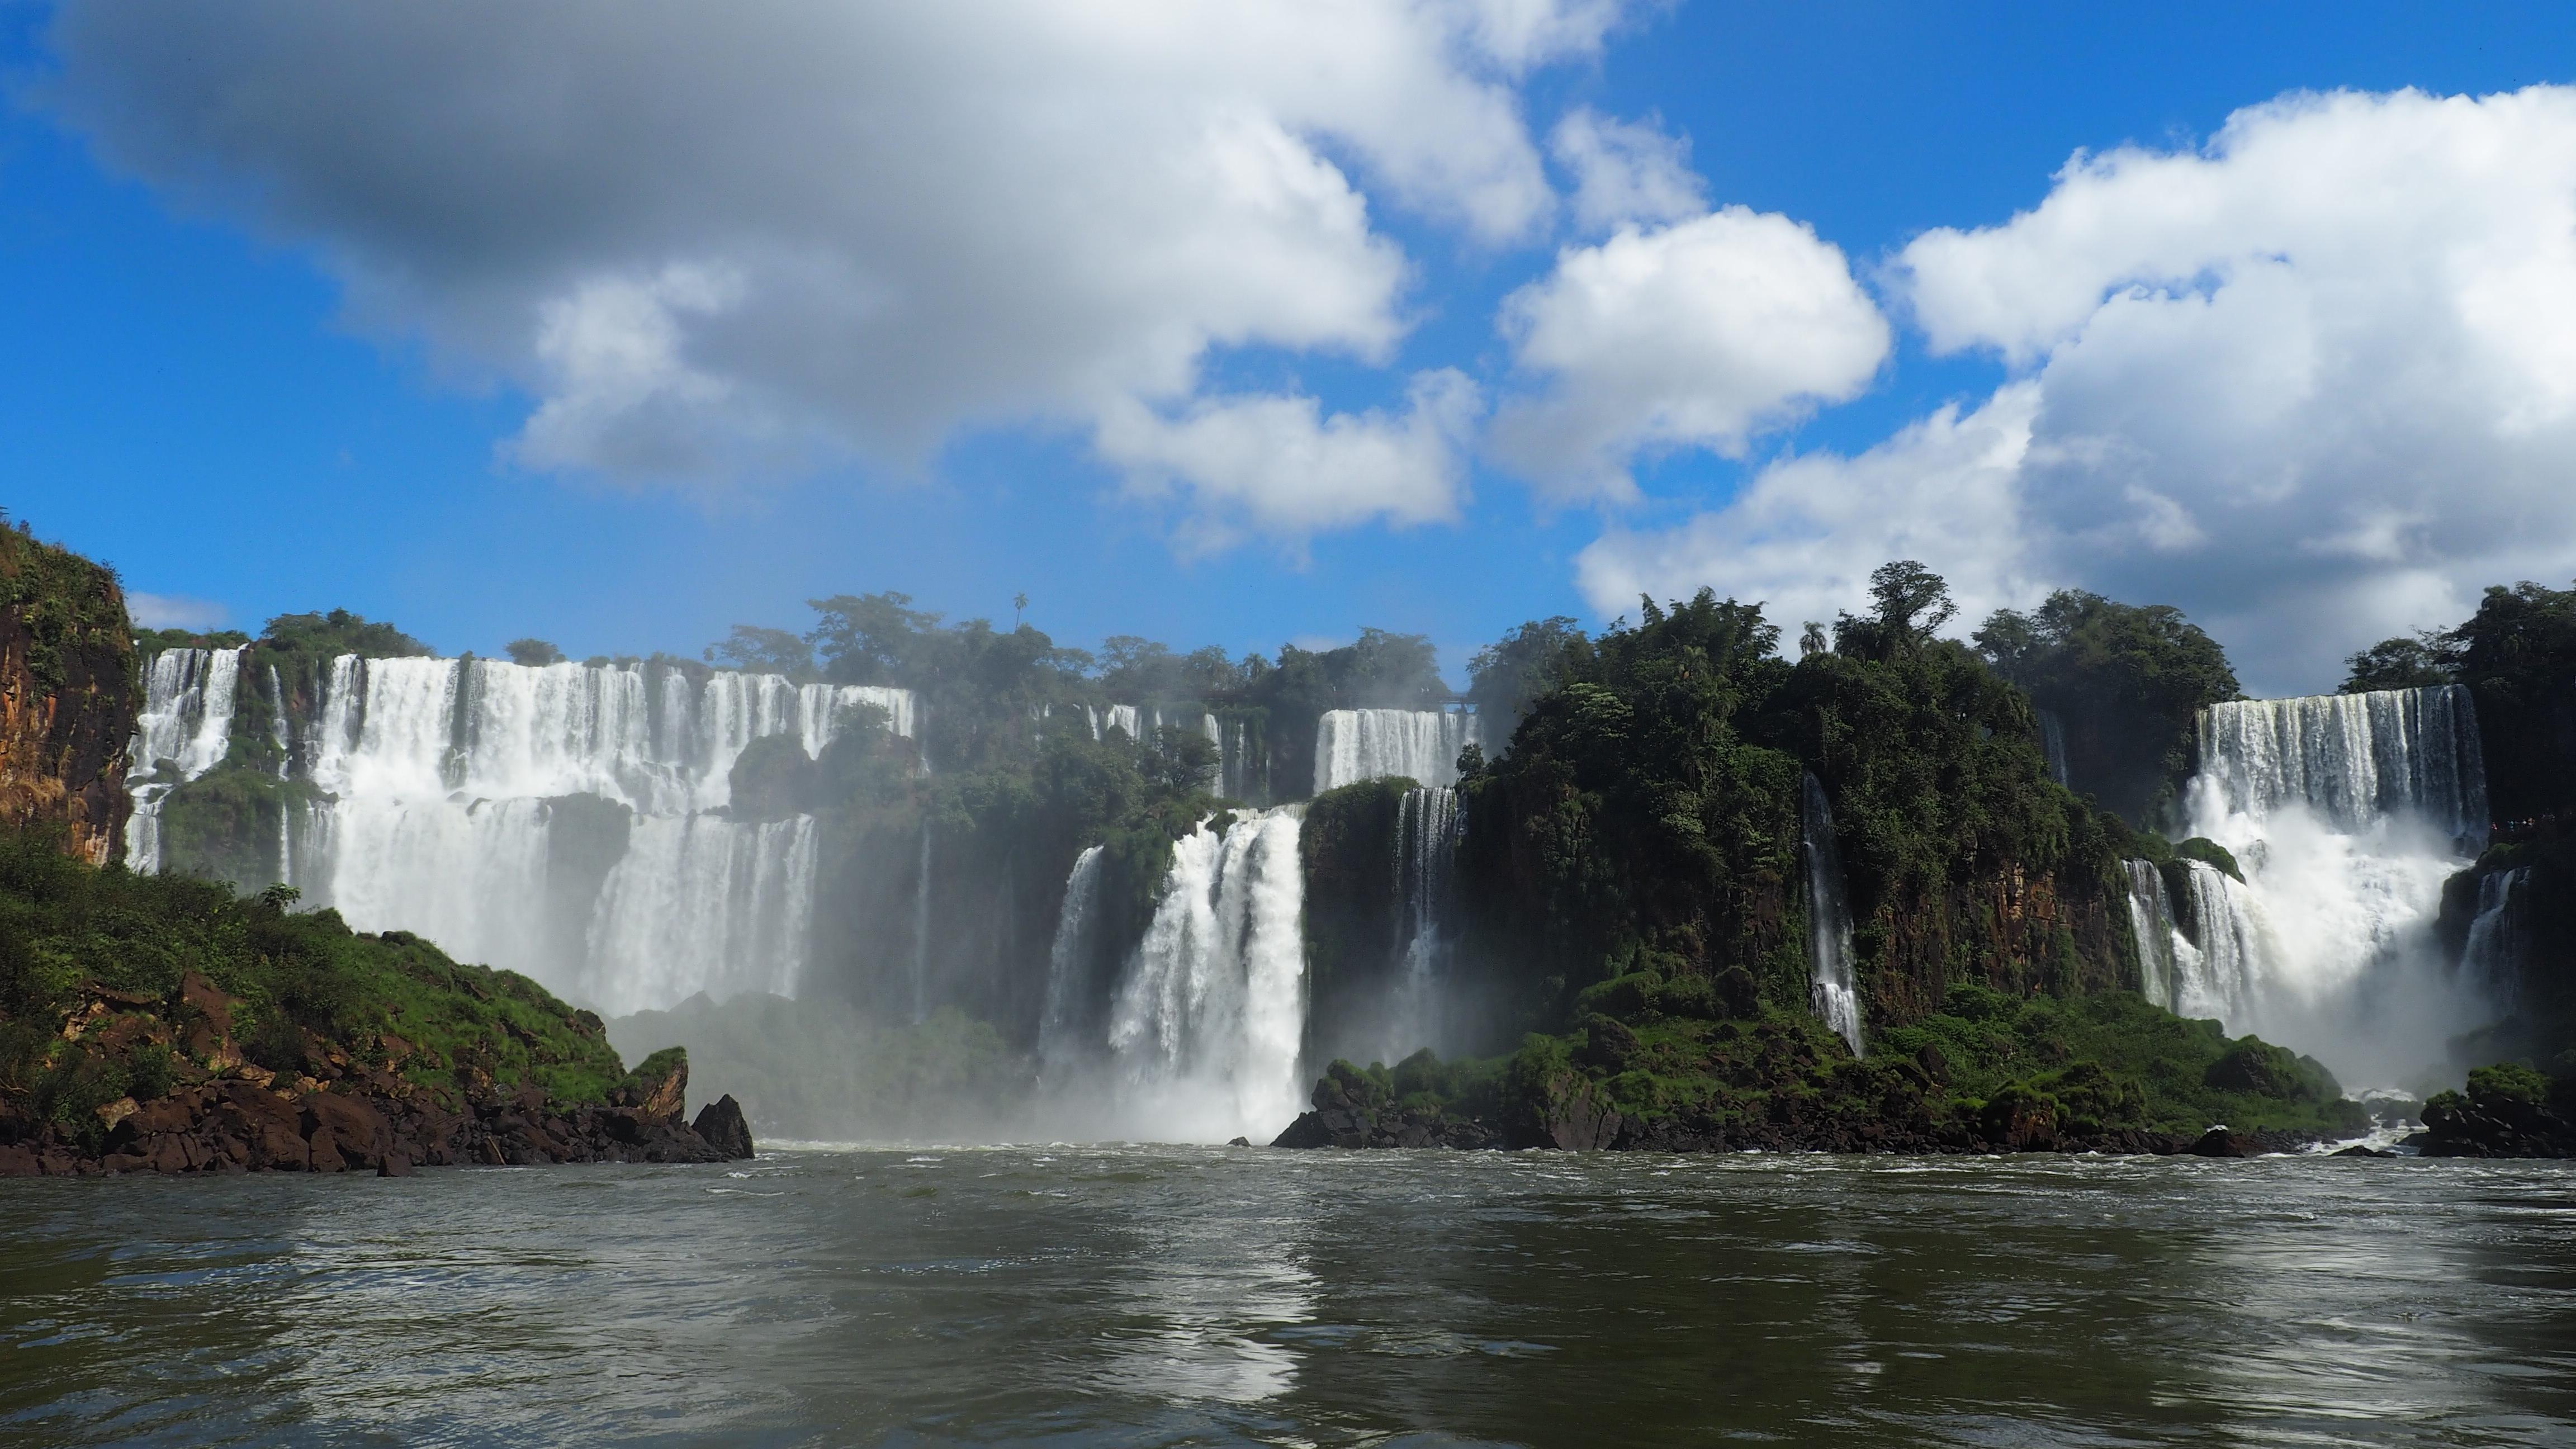 Ver las Cataratas del Iguazú desde abajo